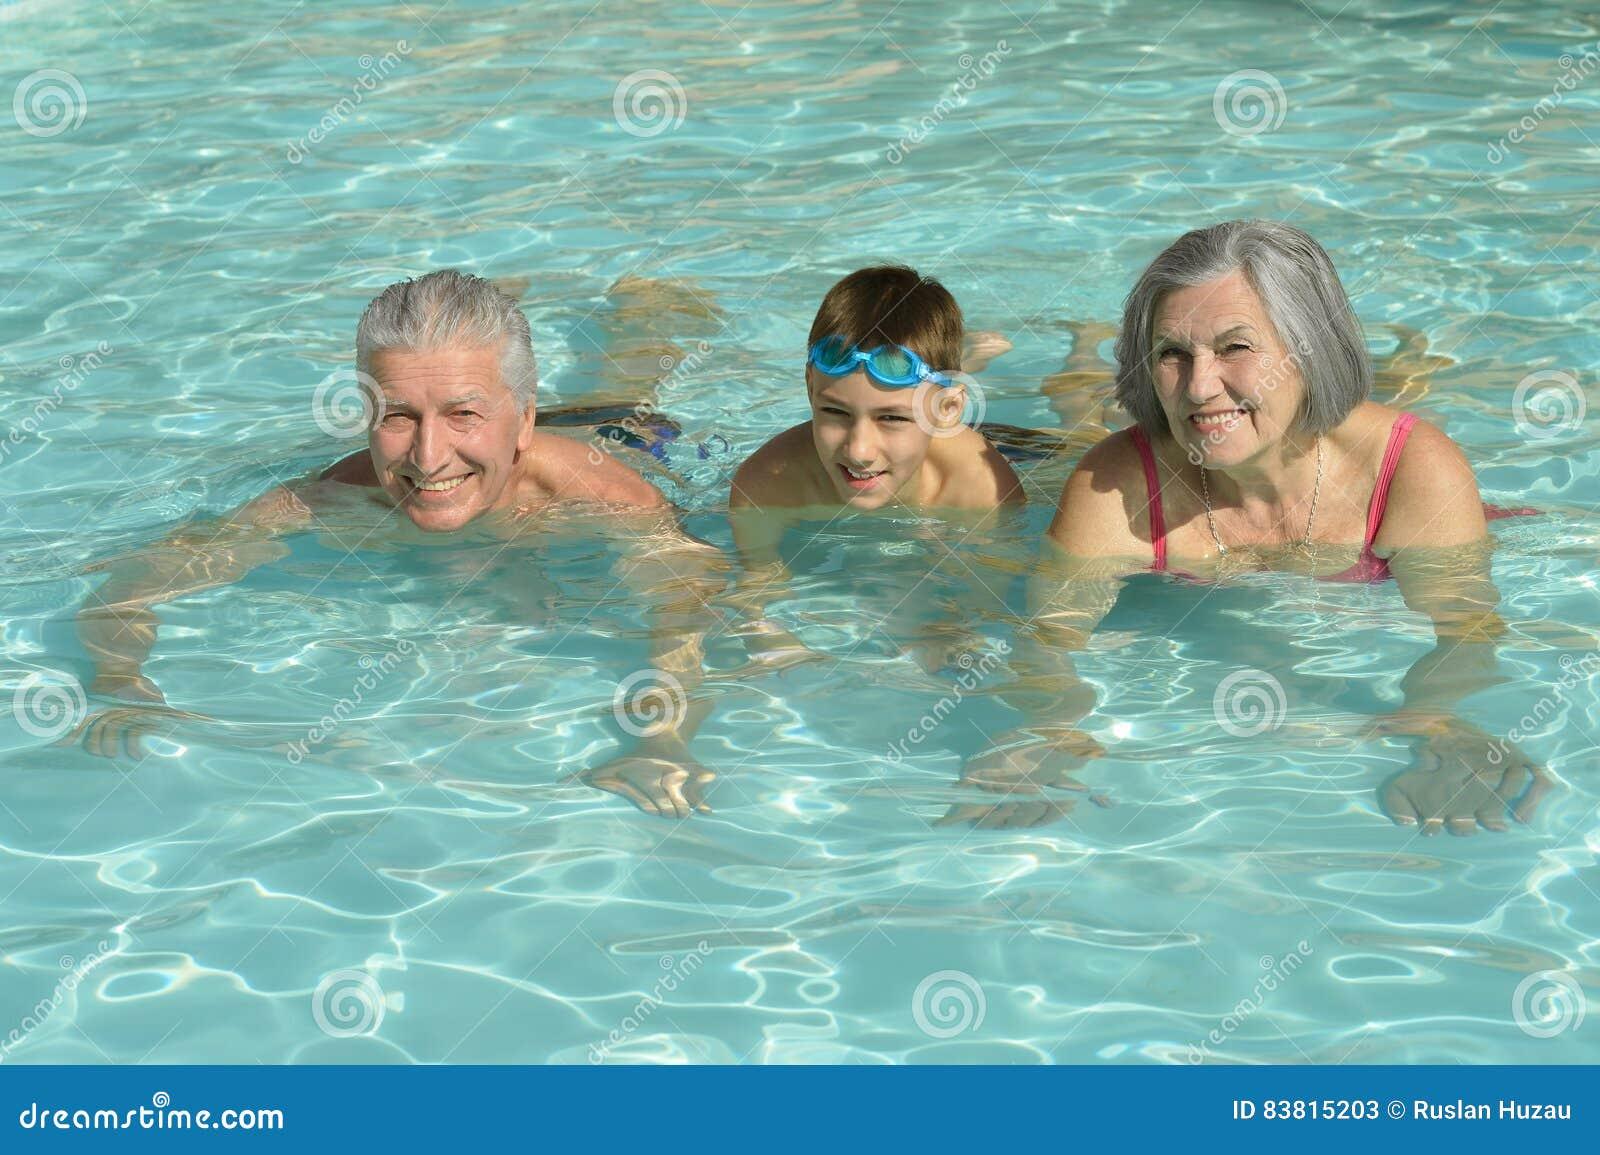 Grands parents avec le petit fils dans la piscine image for Apprendre a plonger dans la piscine